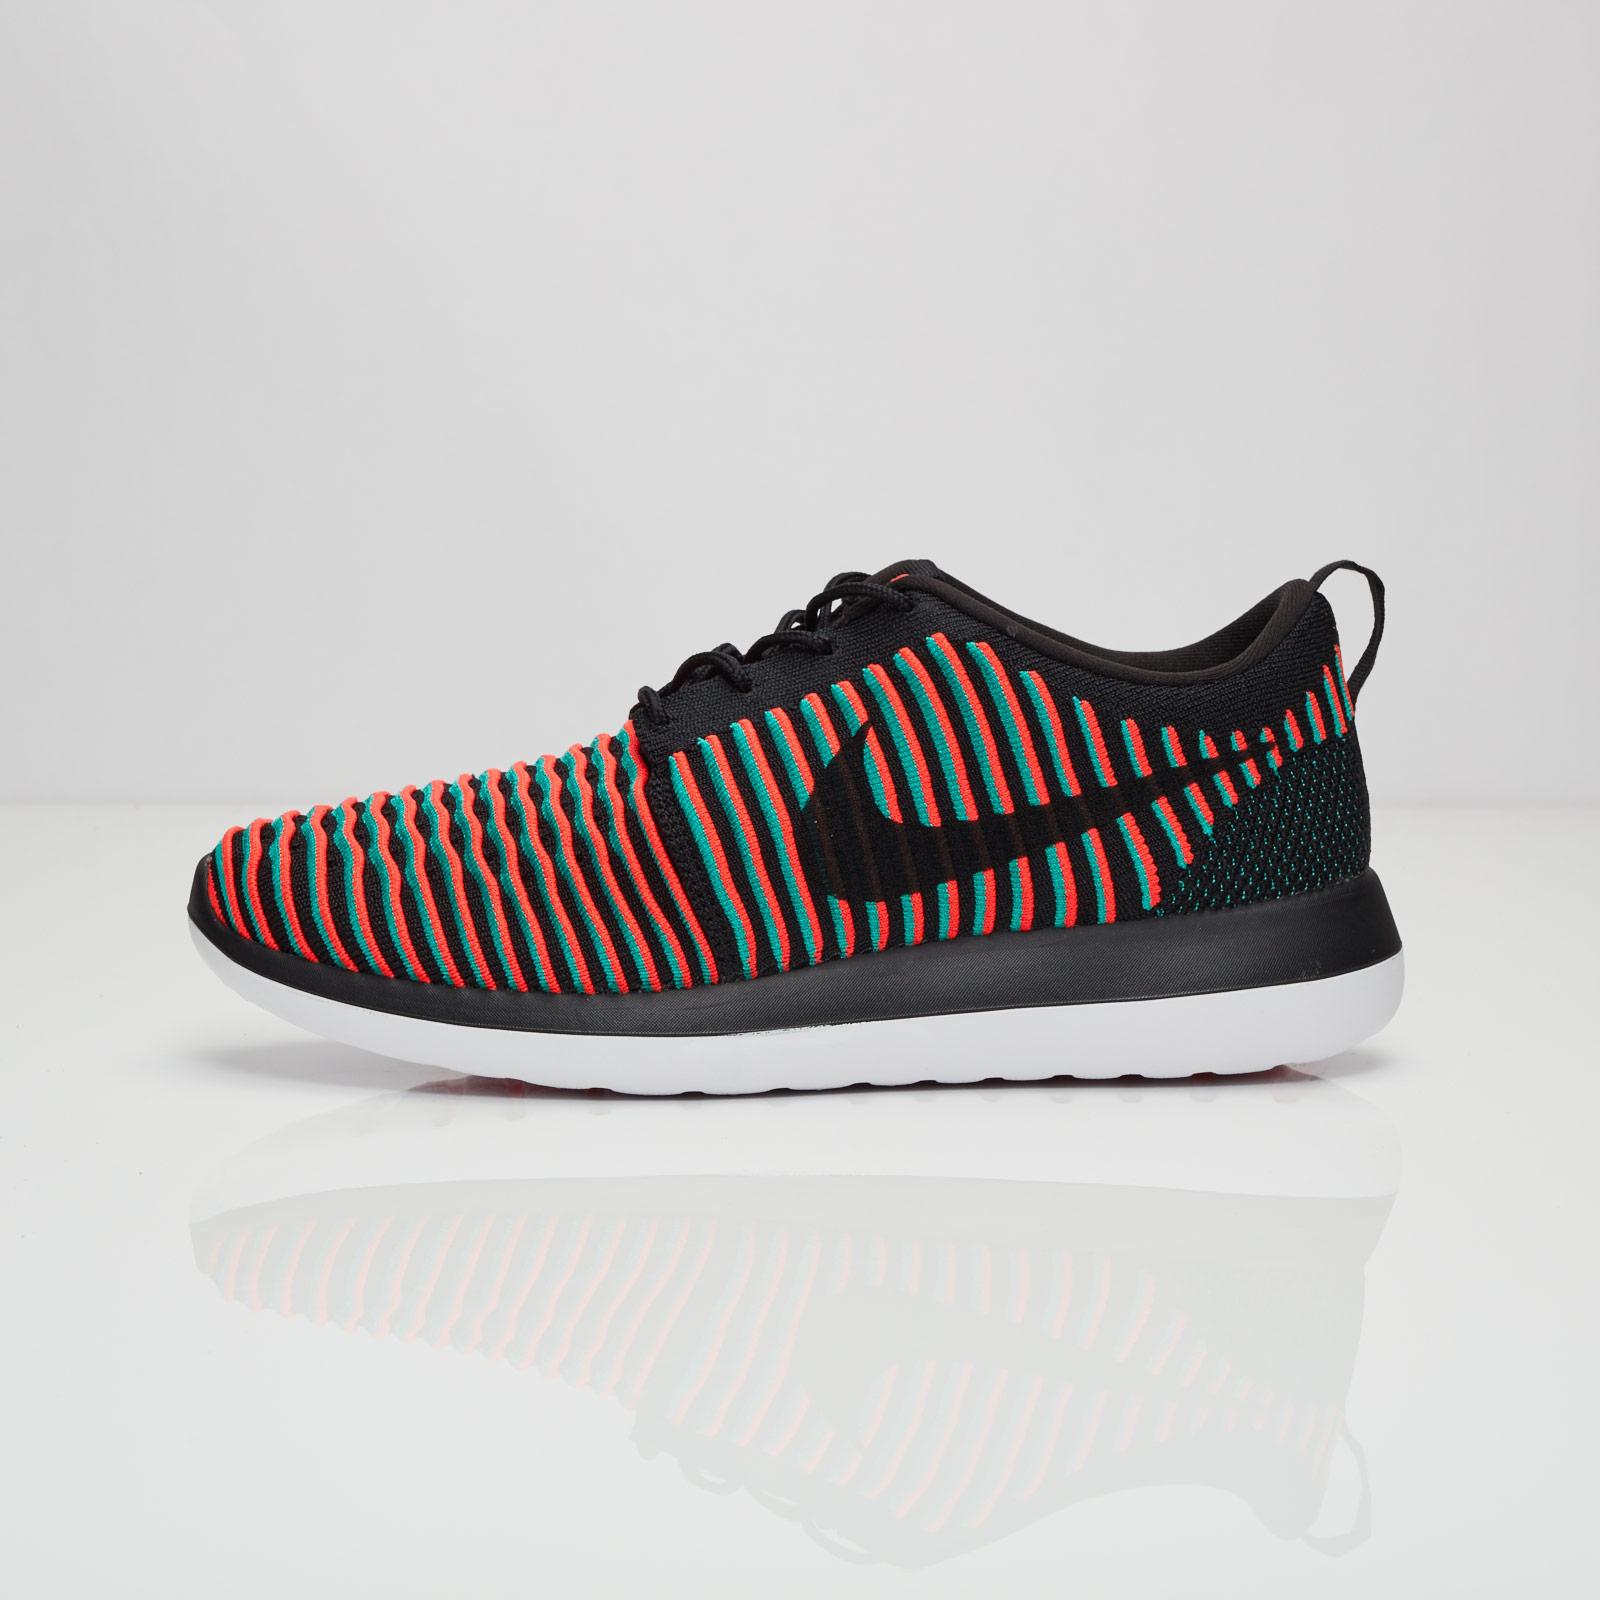 3faa2863c134 Nike Roshe Two Flyknit - 844833-003 - Sneakersnstuff